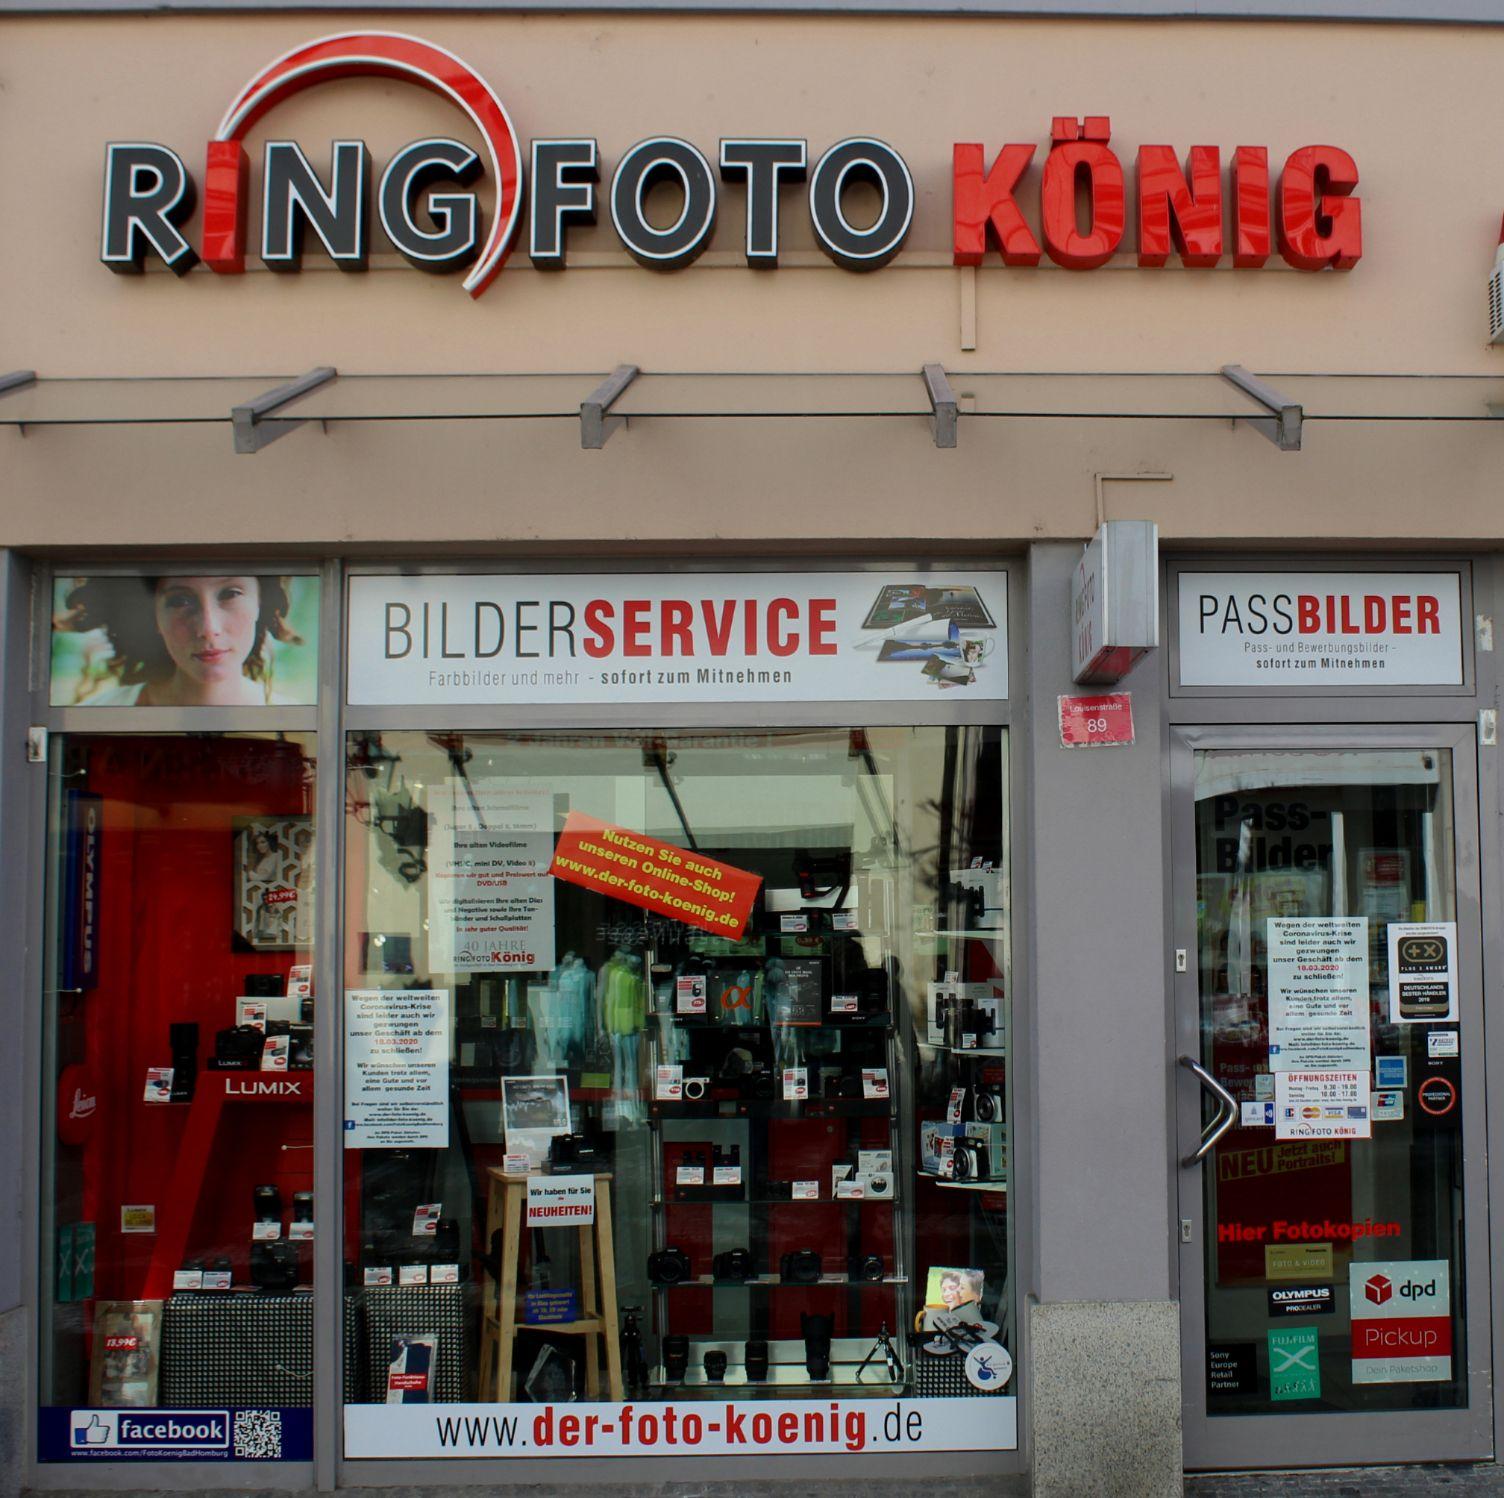 Ringfoto König